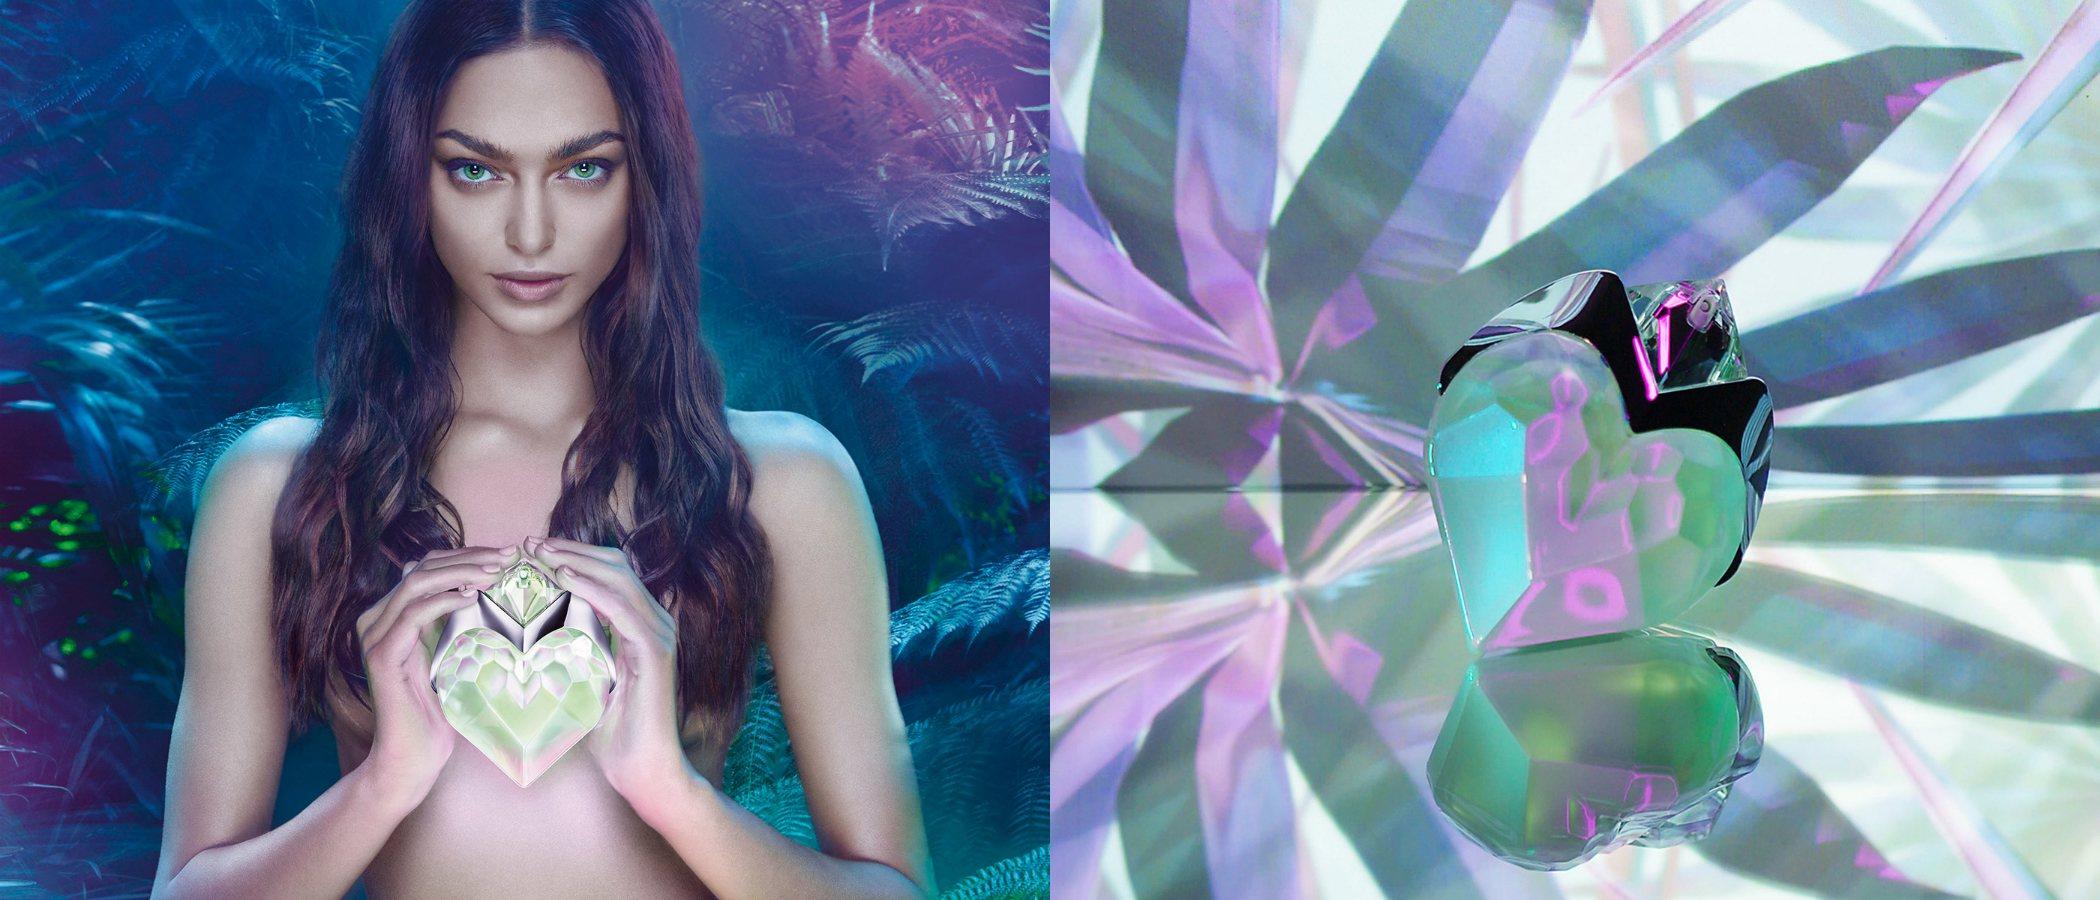 'Aura Mugler Eau de Parfum Sensuelle', la nueva fragancia femenina de Thierry Mugler